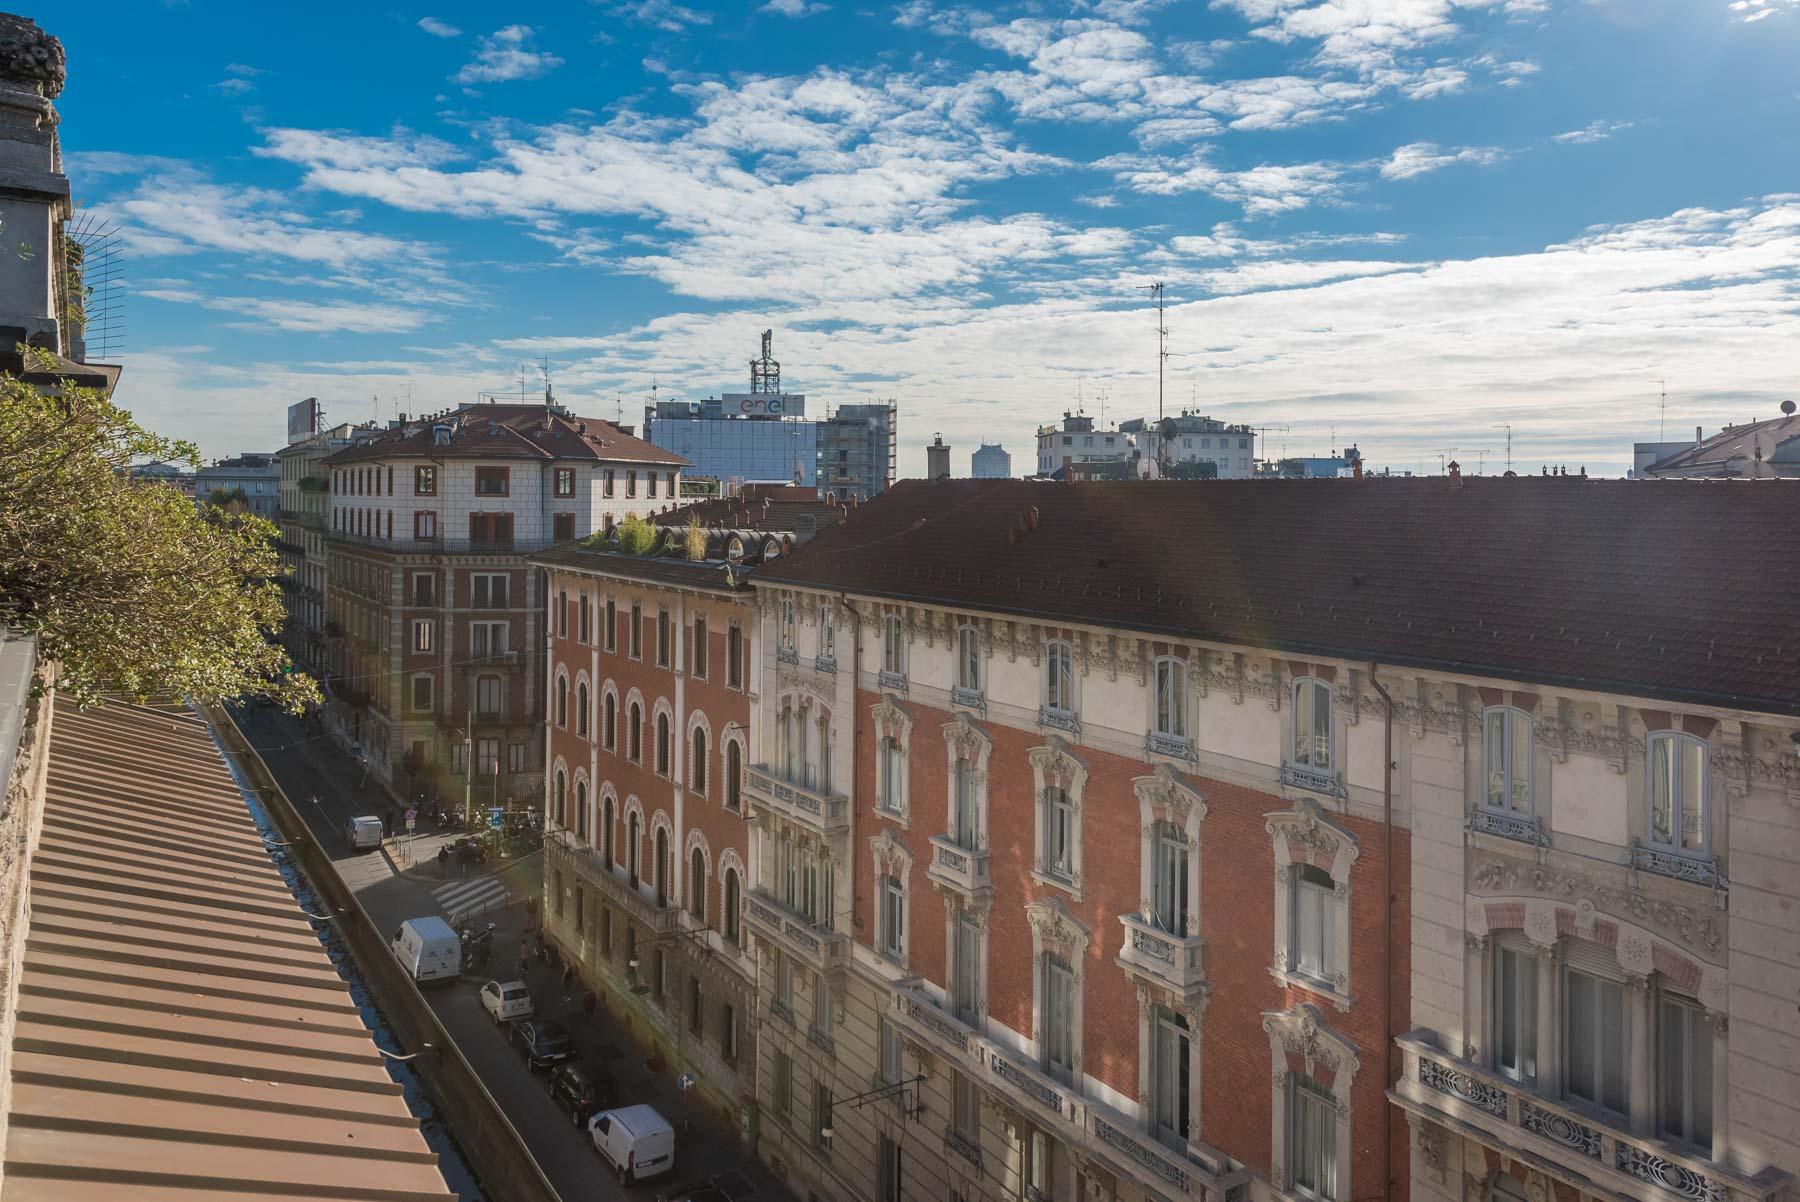 Attico con terrazzo in Piazza Virgilio